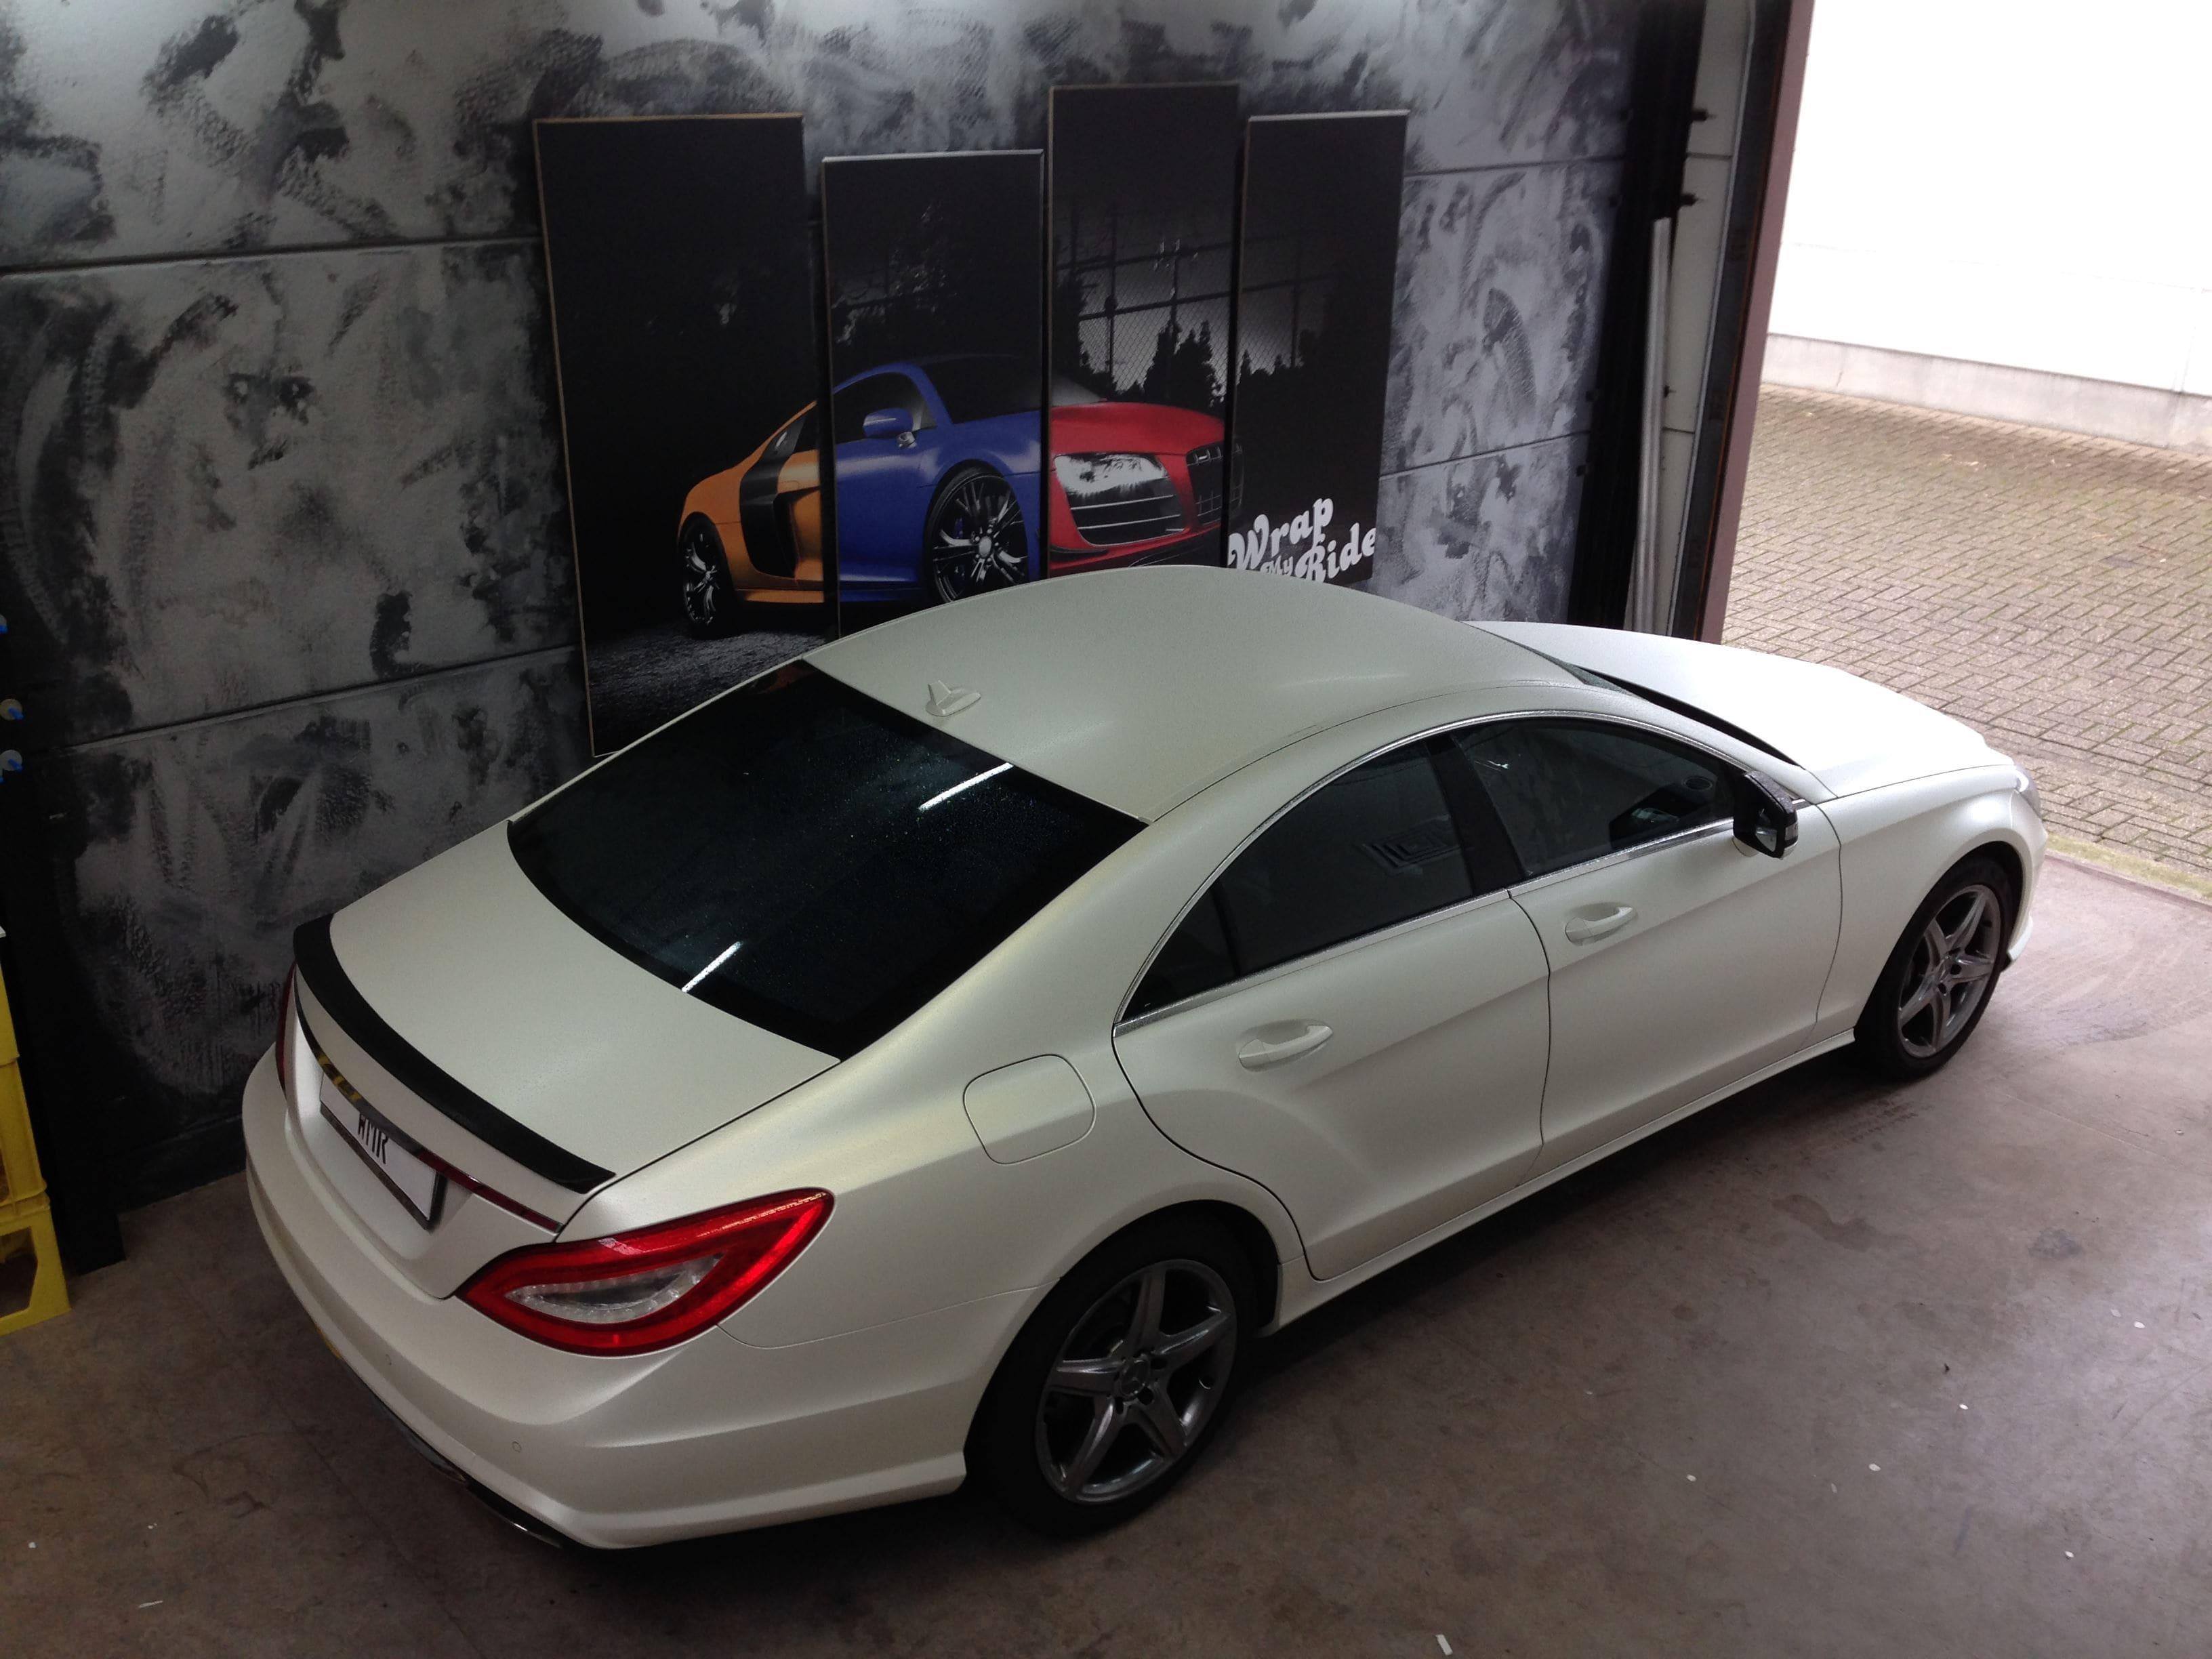 Mercedes CLS met White Satin Pearl Wrap, Carwrapping door Wrapmyride.nu Foto-nr:6218, ©2021